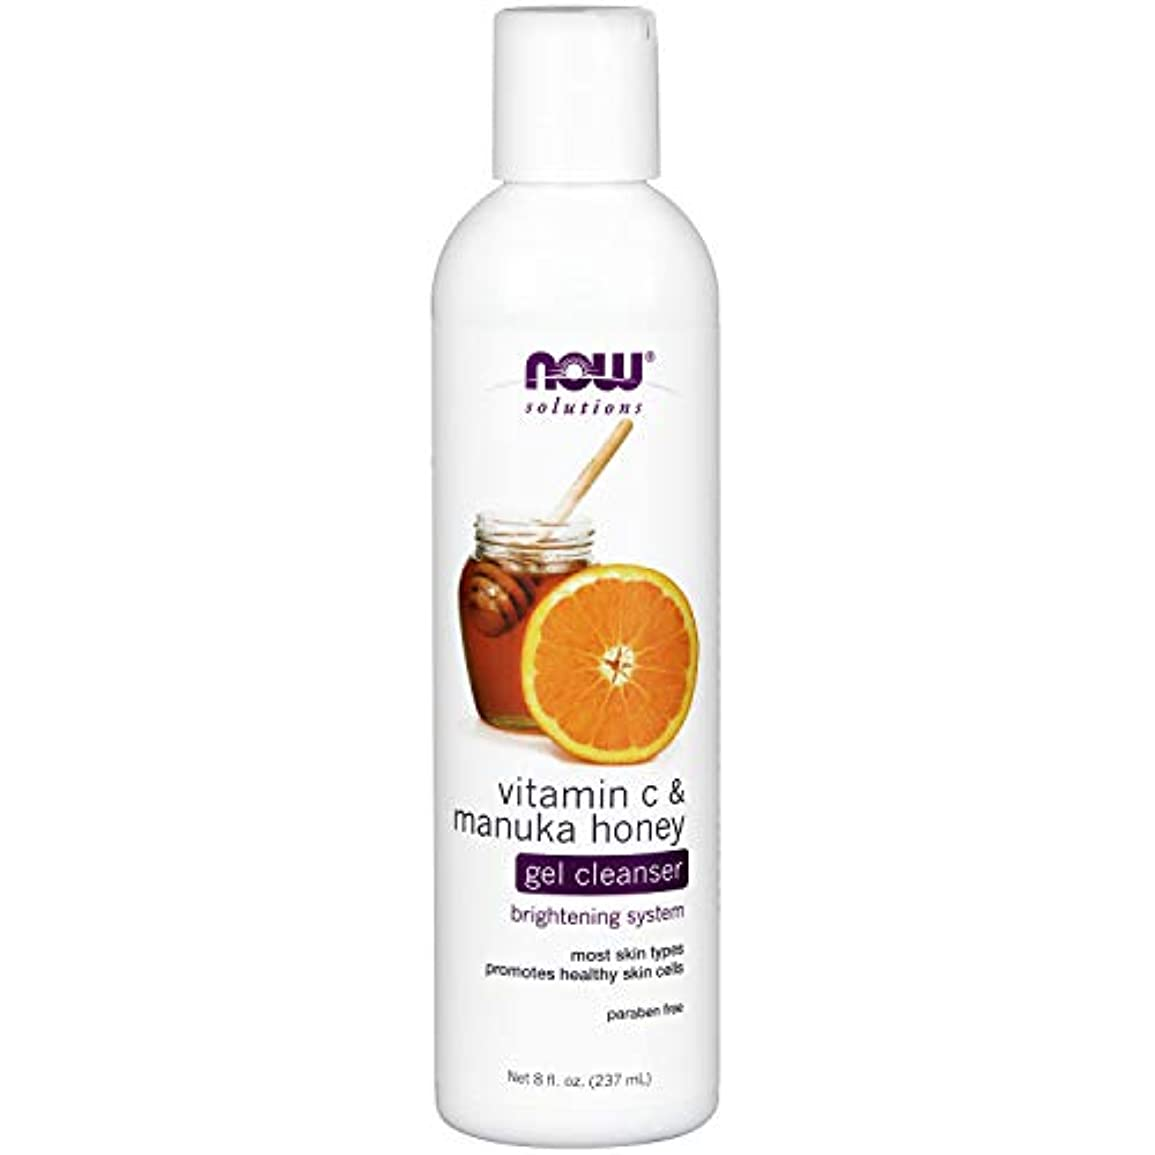 ぼろドループ外科医NOW Vitamin C & Manuka Honey Gel Cleanser - 8 fl. oz. ビタミンC&マヌカハニー配合のジェルタイプ洗顔 ~海外直送品~